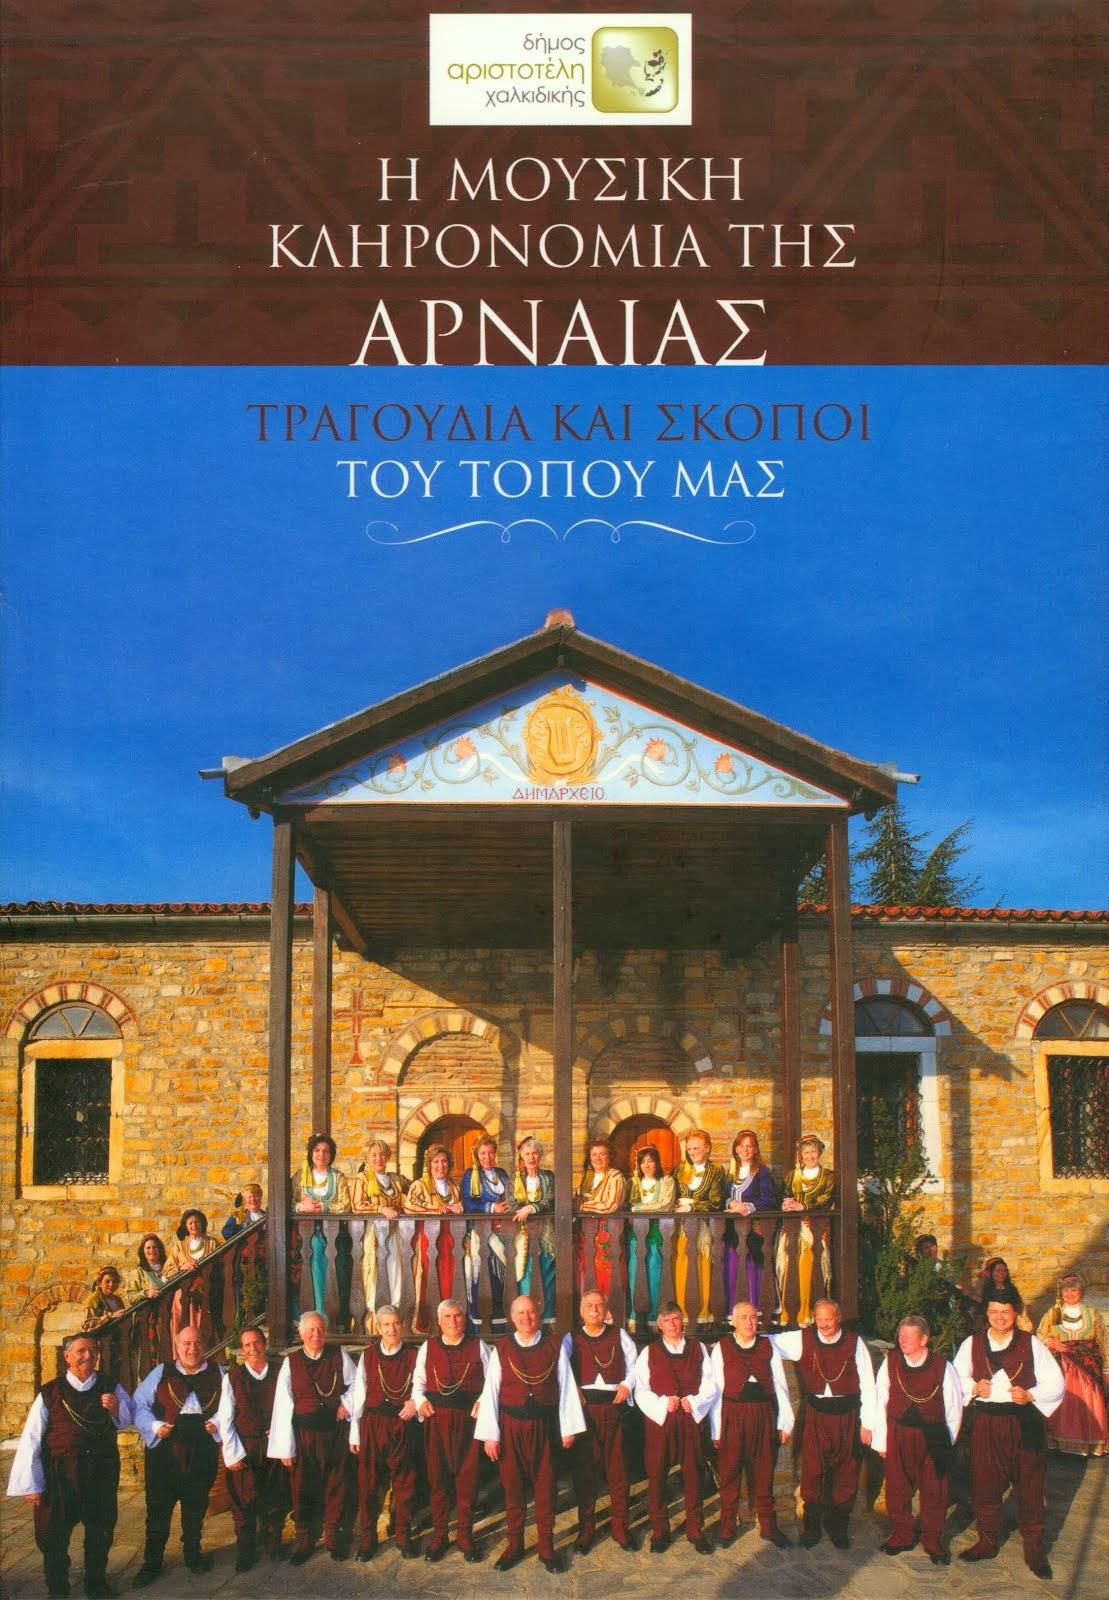 Η μουσική κληρονομιά της Αρναίας - Τραγούδια και σκοποί του Τόπου μας  8 CDs